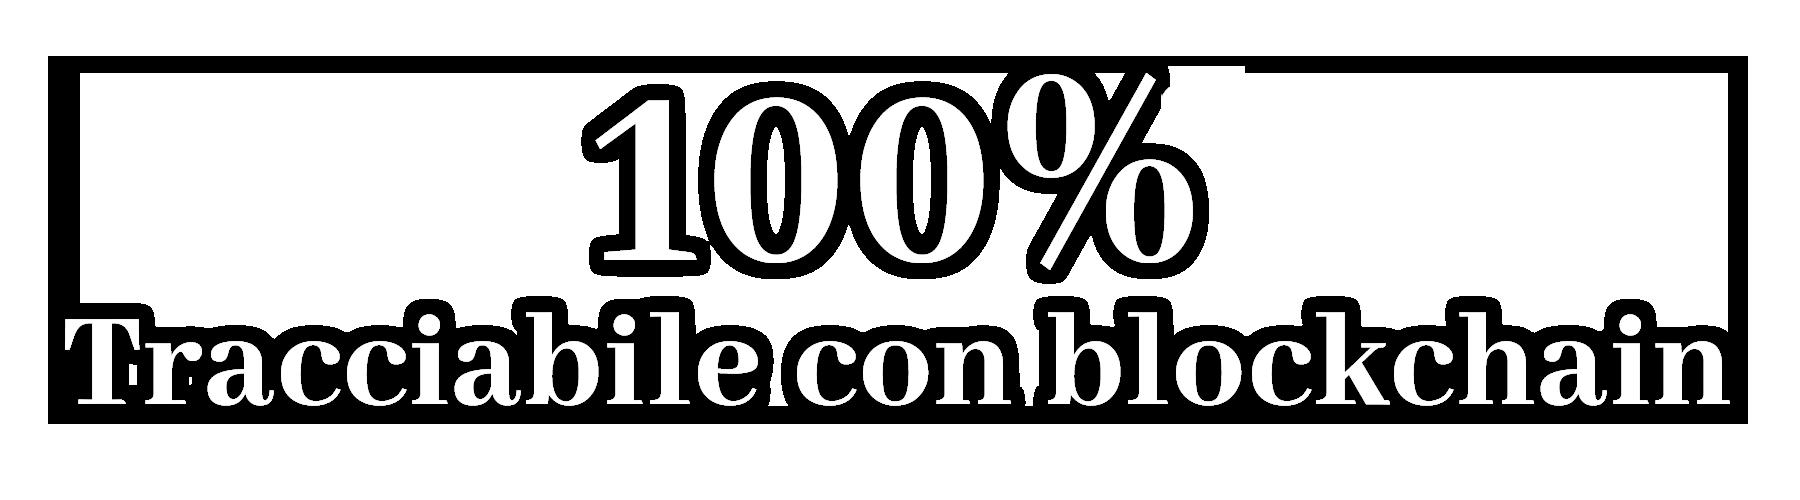 100% tracciamento